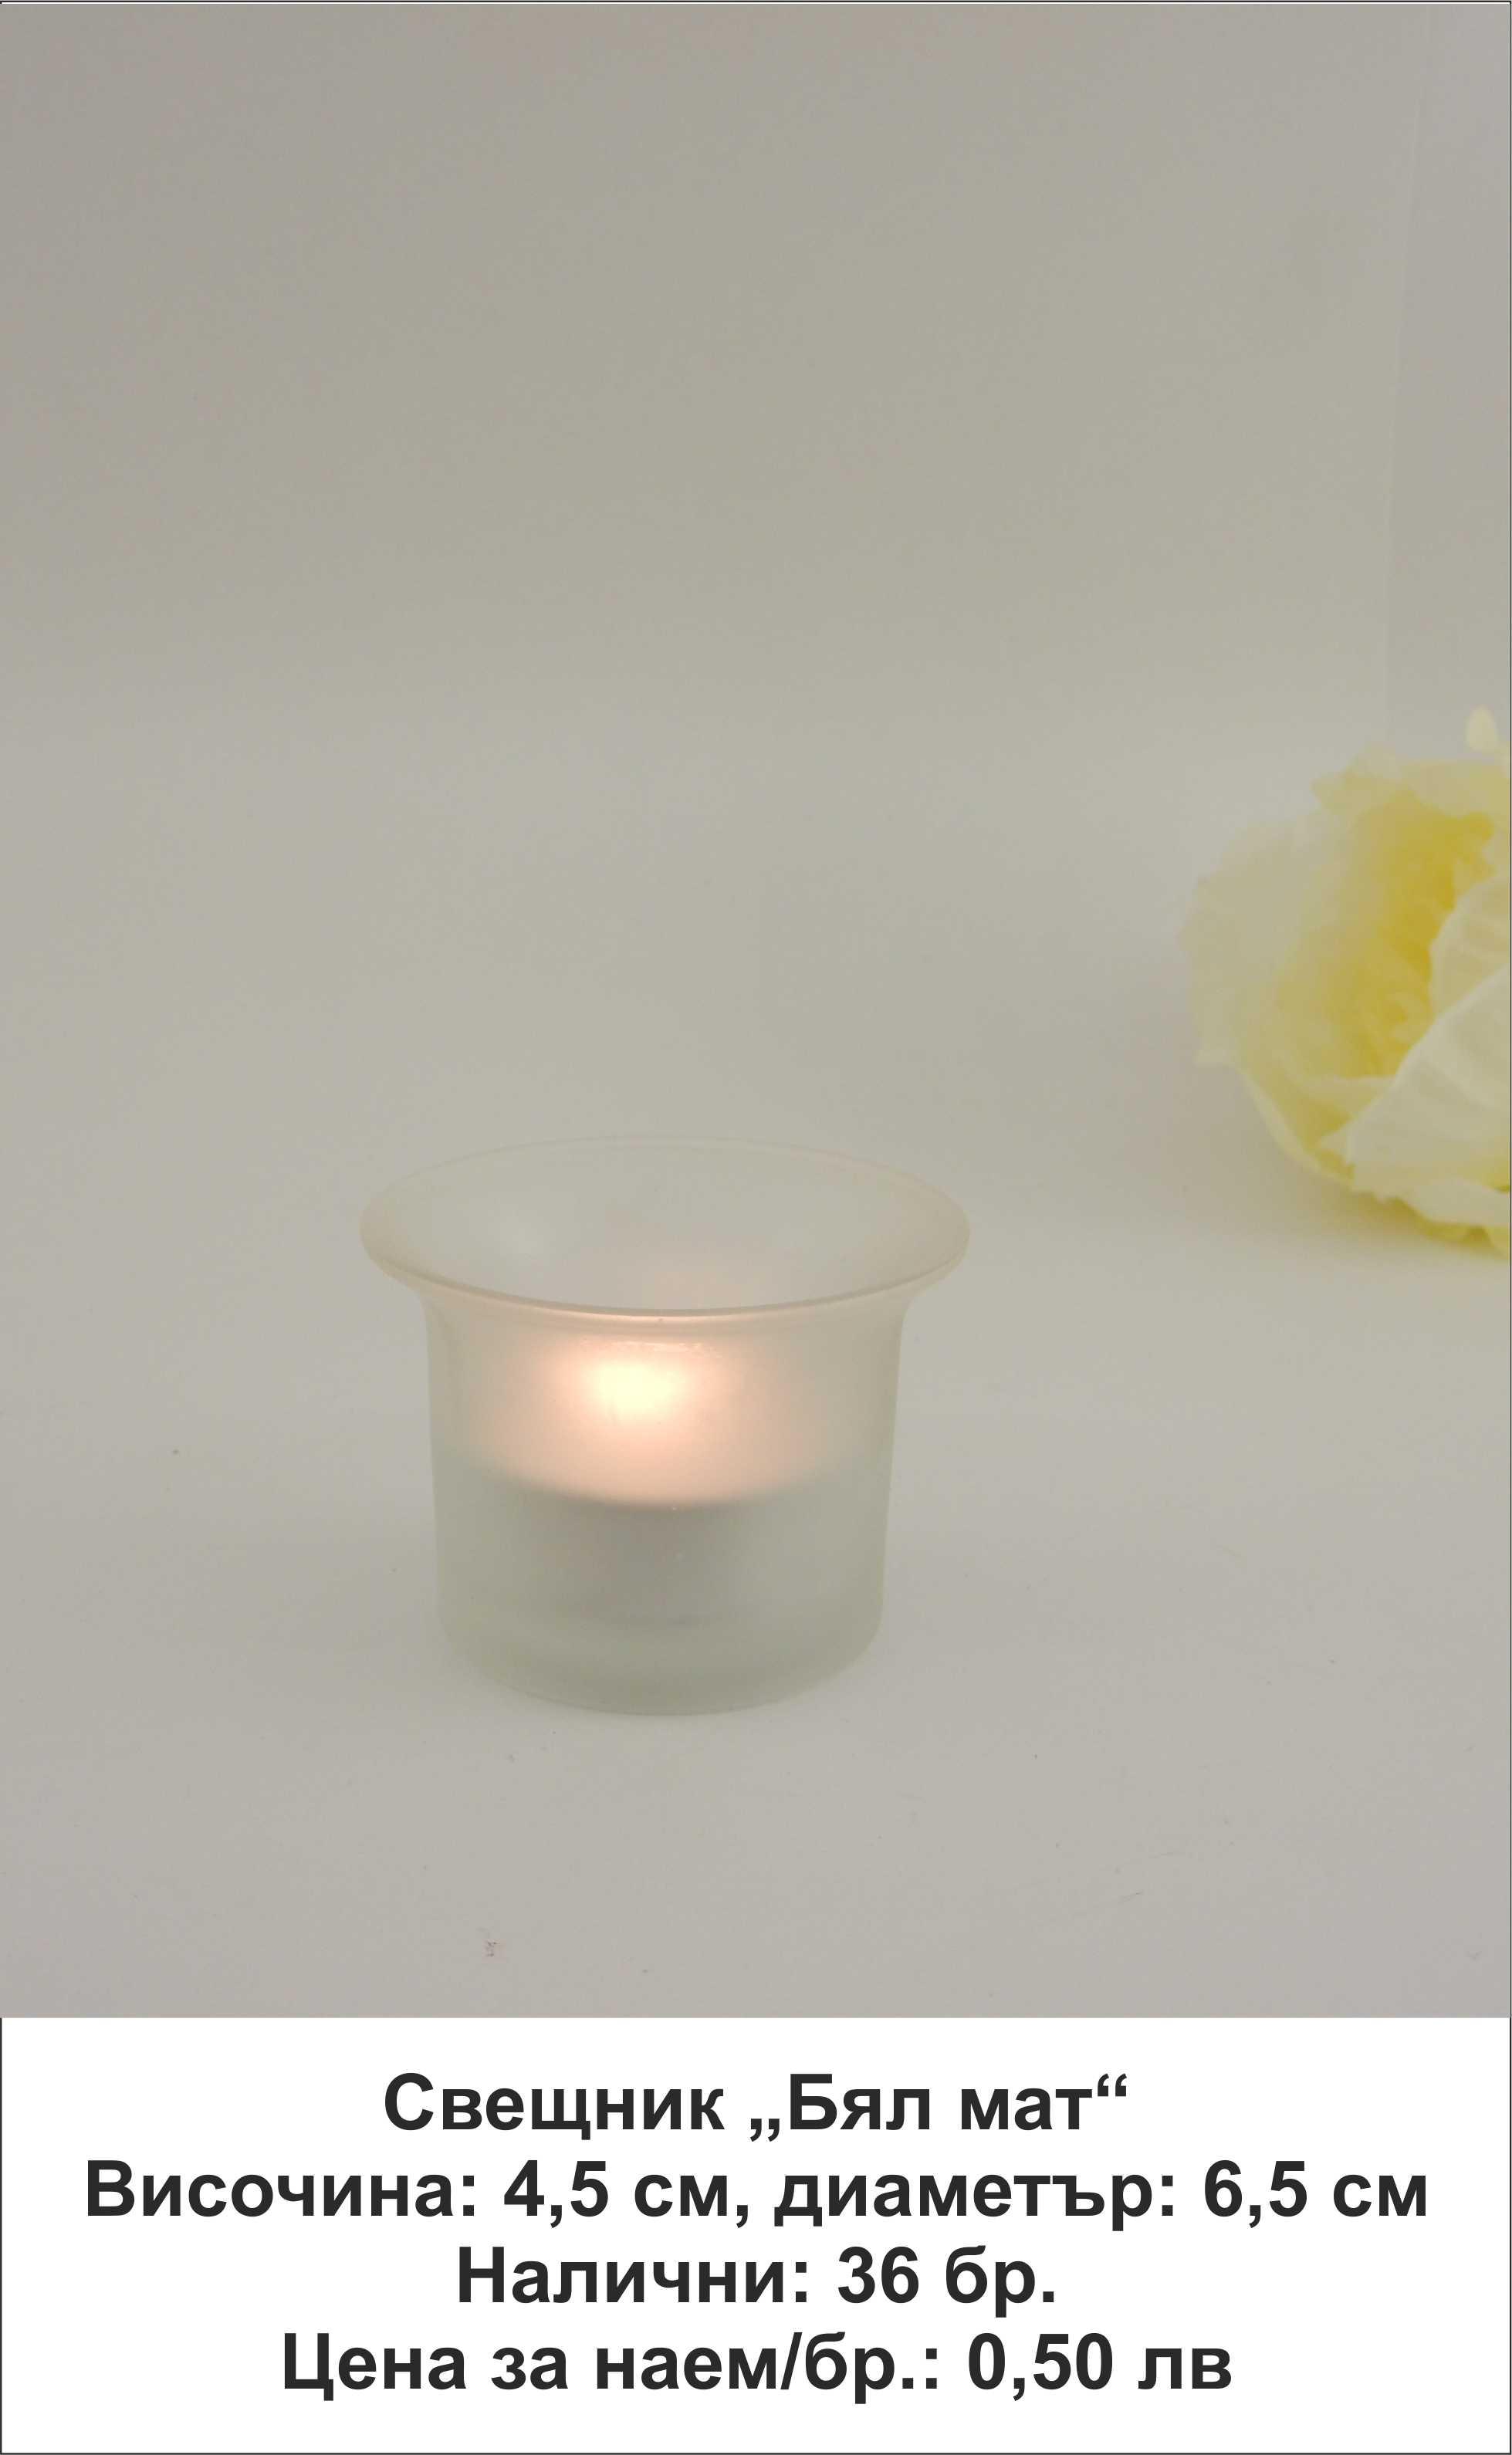 Свещник за чаена свещ, изработен от матирано стъкло. Височина: 4,5 см, диаметър: 6,5 см. Цена за наем/бр: 0,50 лв.